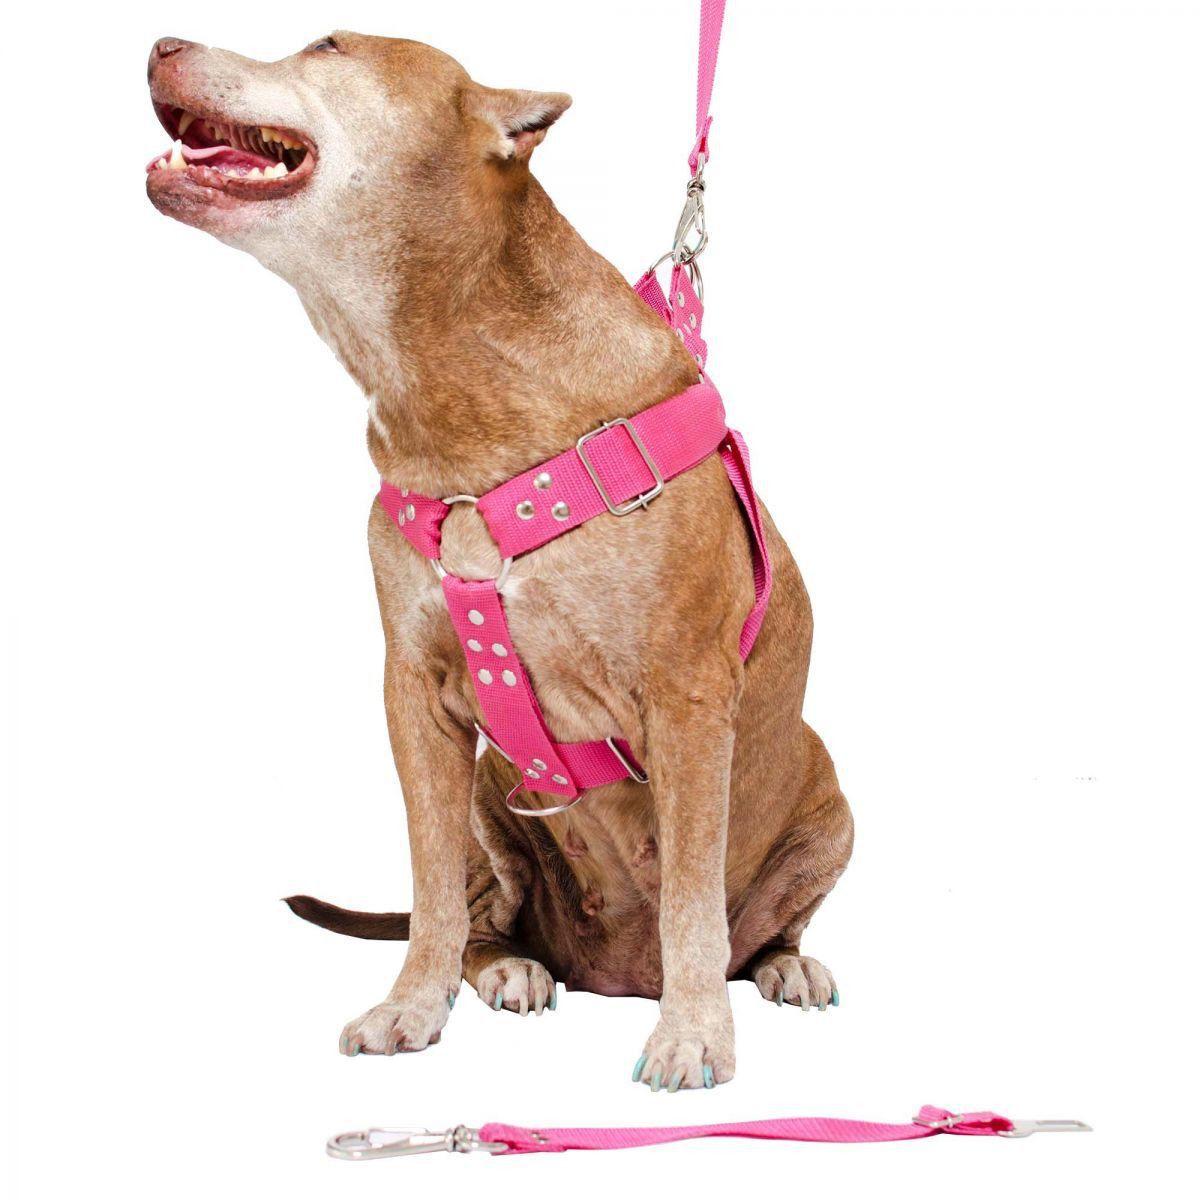 Coleira Peitoral Cachorro Porte Maior Guia Adaptador Cinto Segurança Tamanho M - Cor Rosa